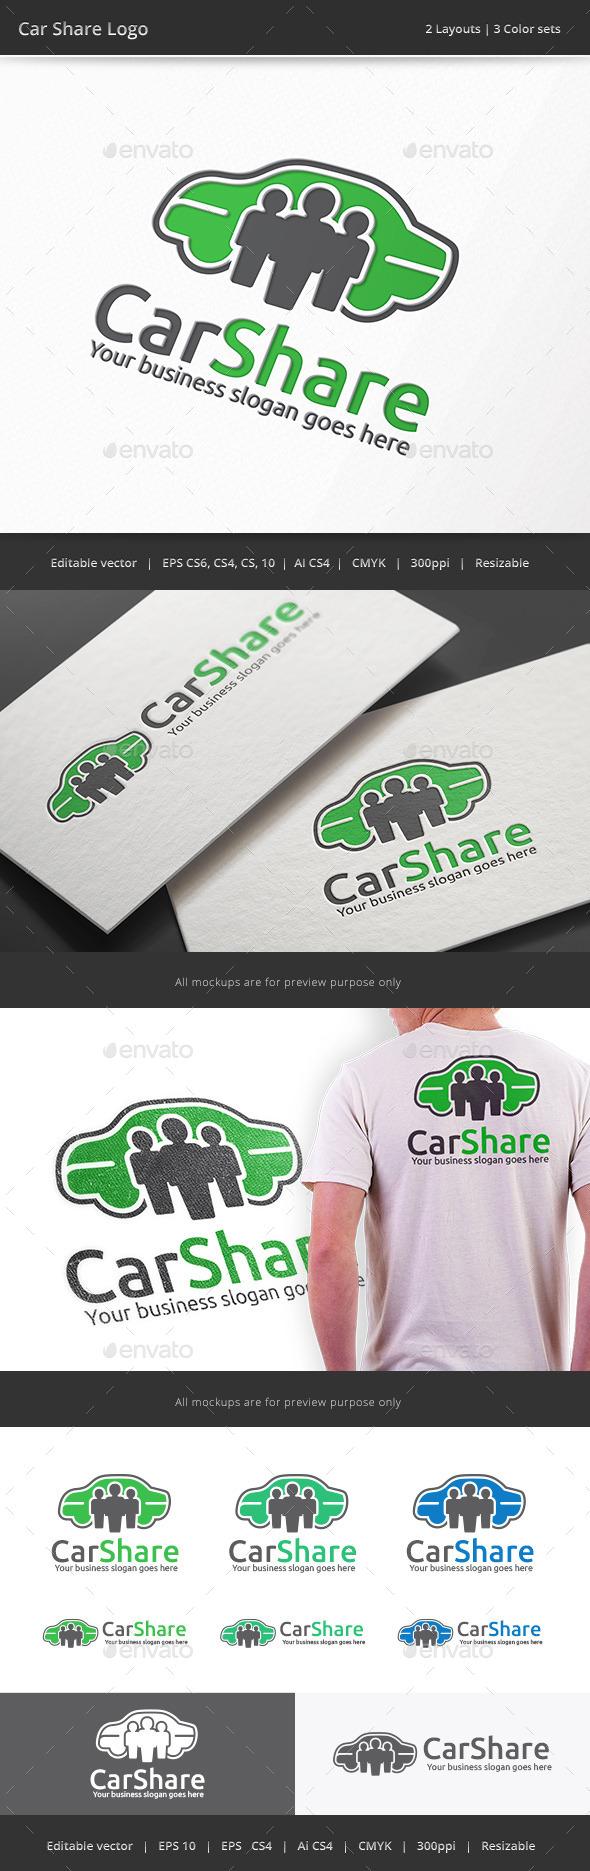 GraphicRiver Car Share Logo 10111448